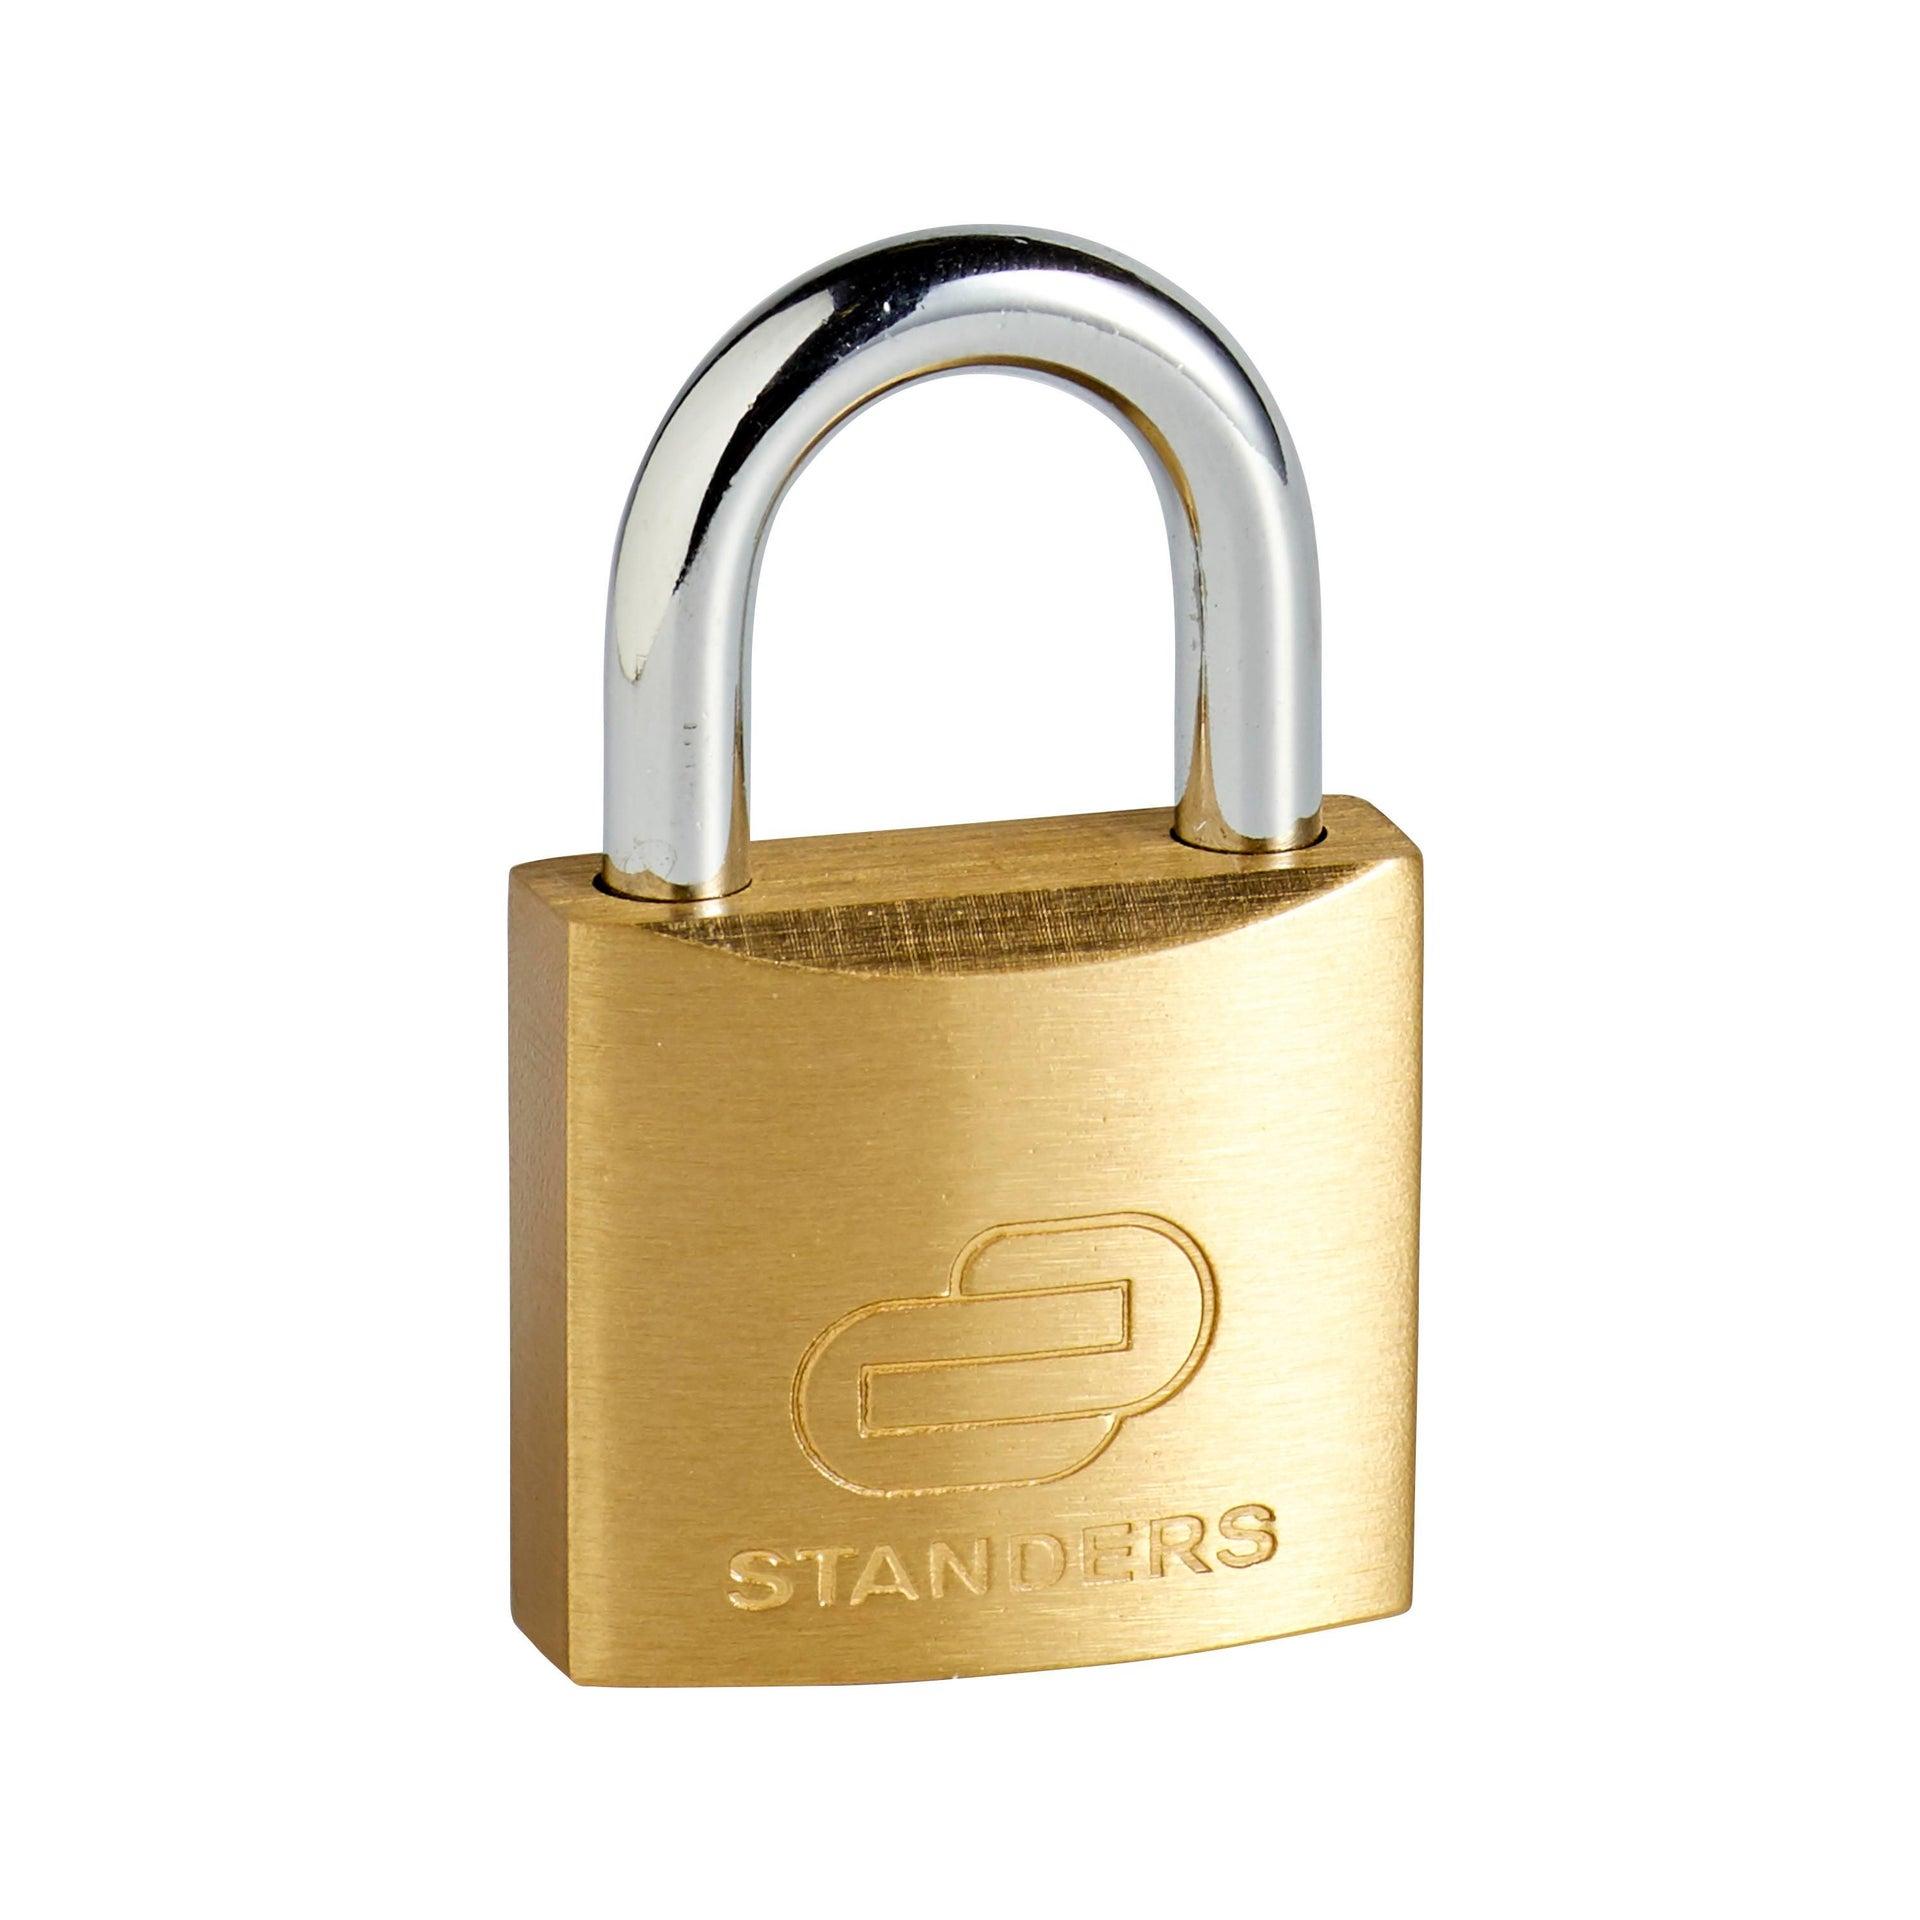 Lucchetto con chiave STANDERS in ottone x L 15 x Ø 5 mm - 5